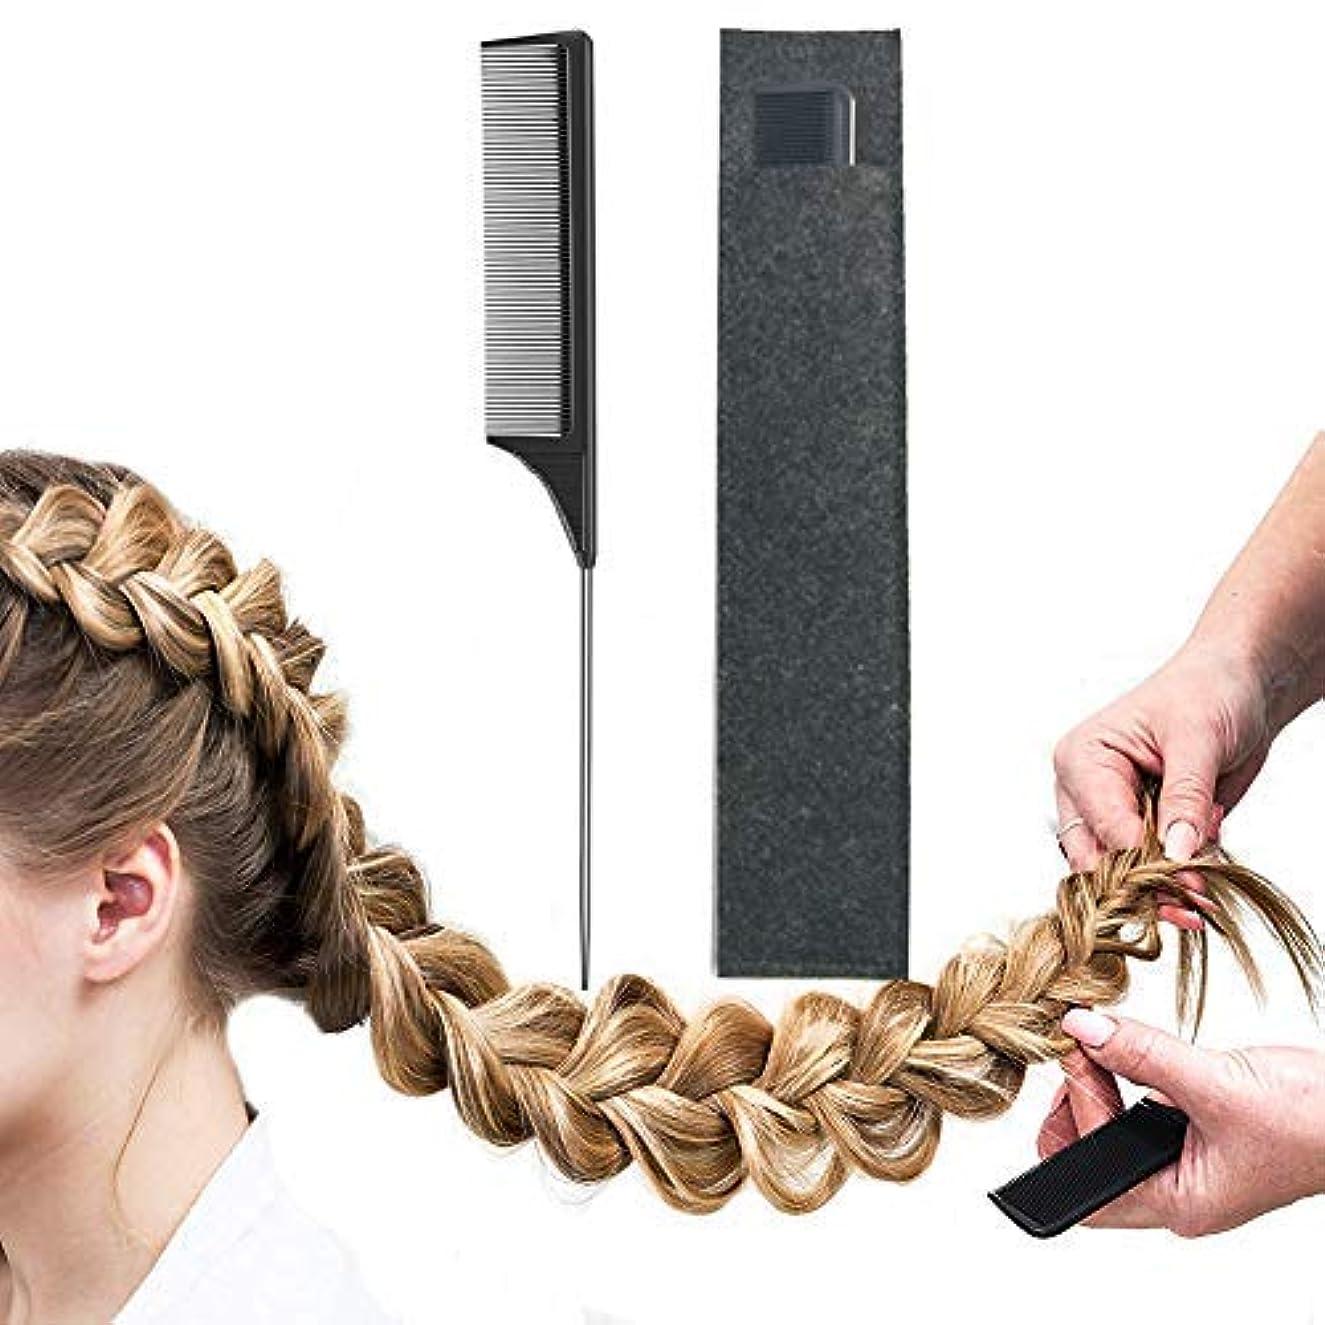 この筋肉の道を作るPintail Comb Carbon Fiber And Heat Resistant Teasing HairTail Combs Metal With Non-skid Paddle For Hair Styling...